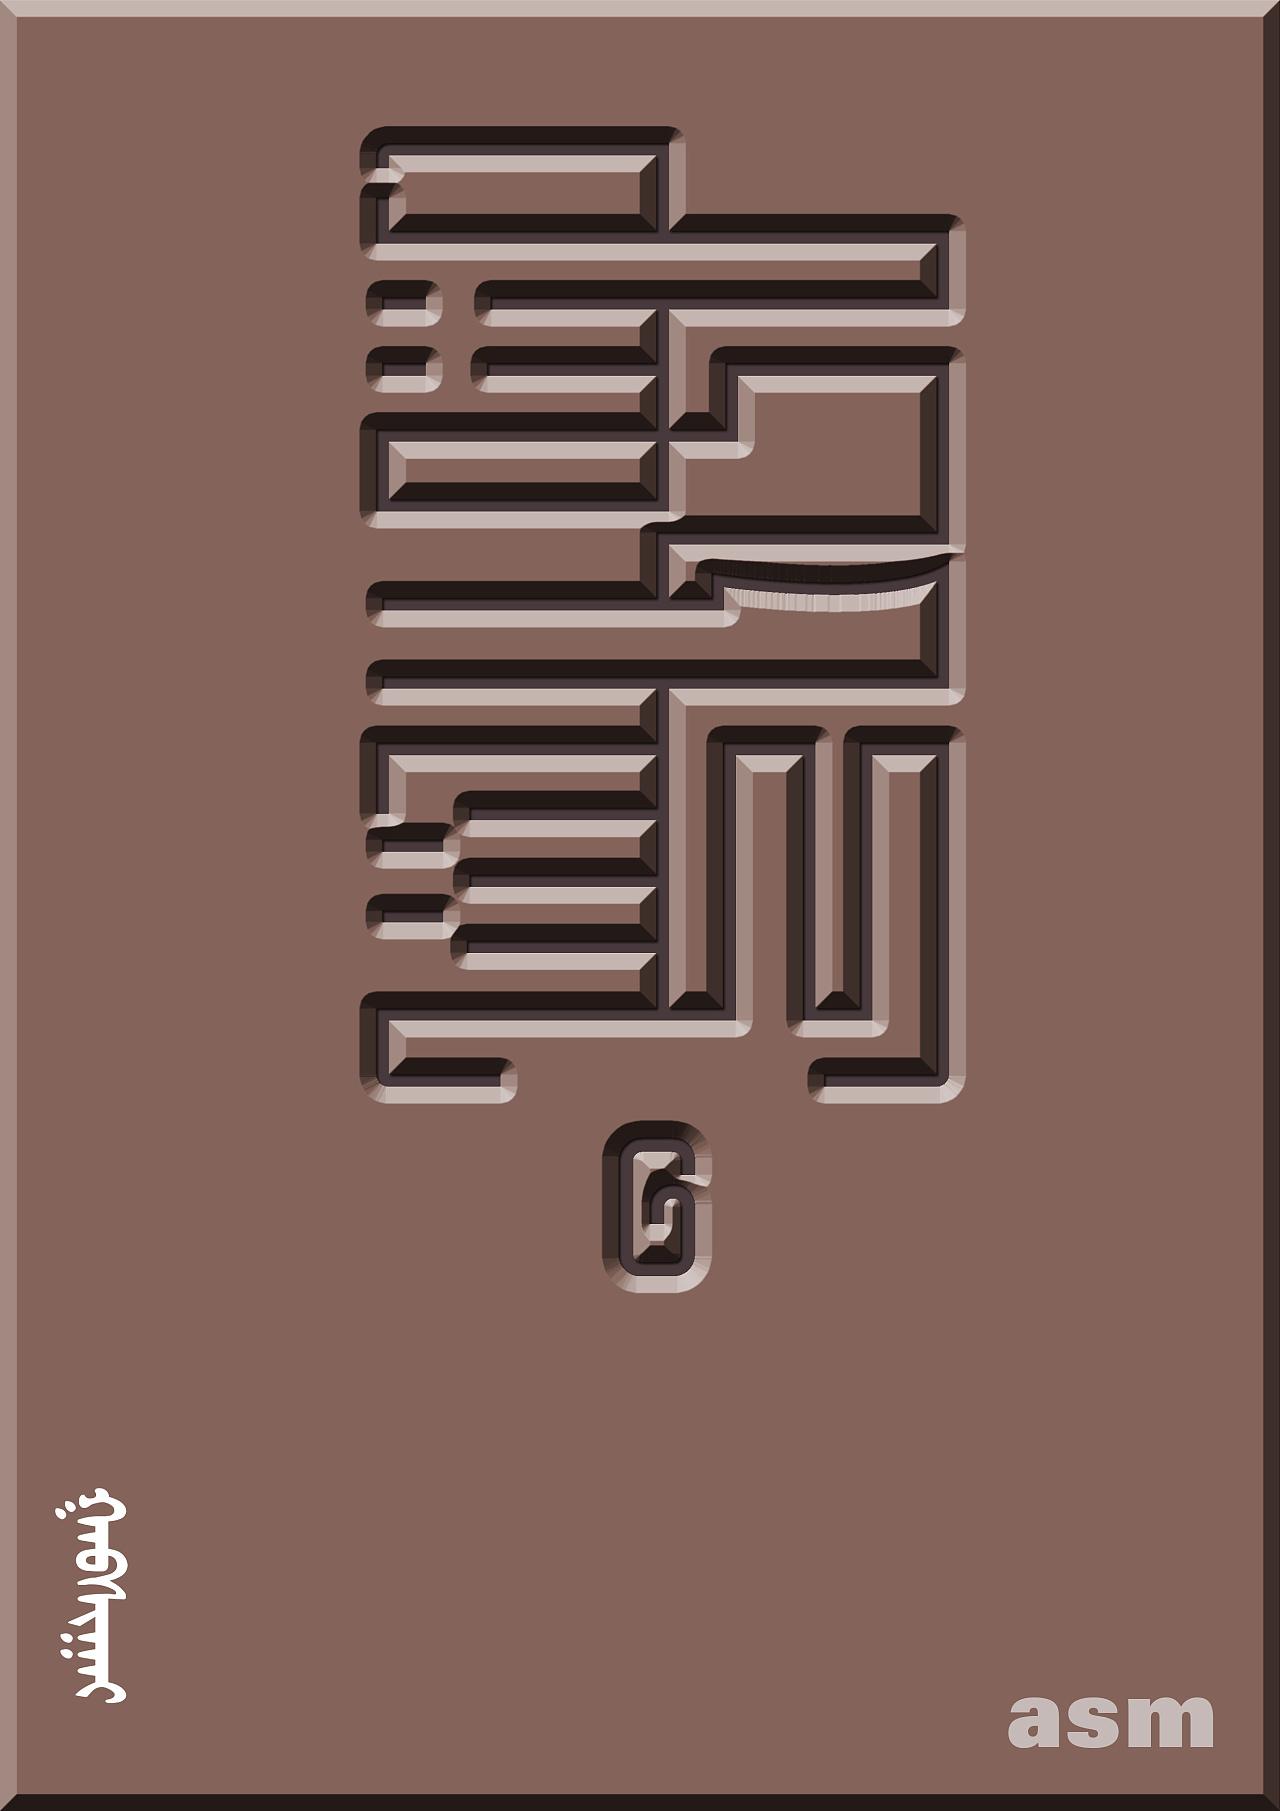 蒙古艺术文字4 -阿斯玛设计 第5张 蒙古艺术文字4 -阿斯玛设计 蒙古设计